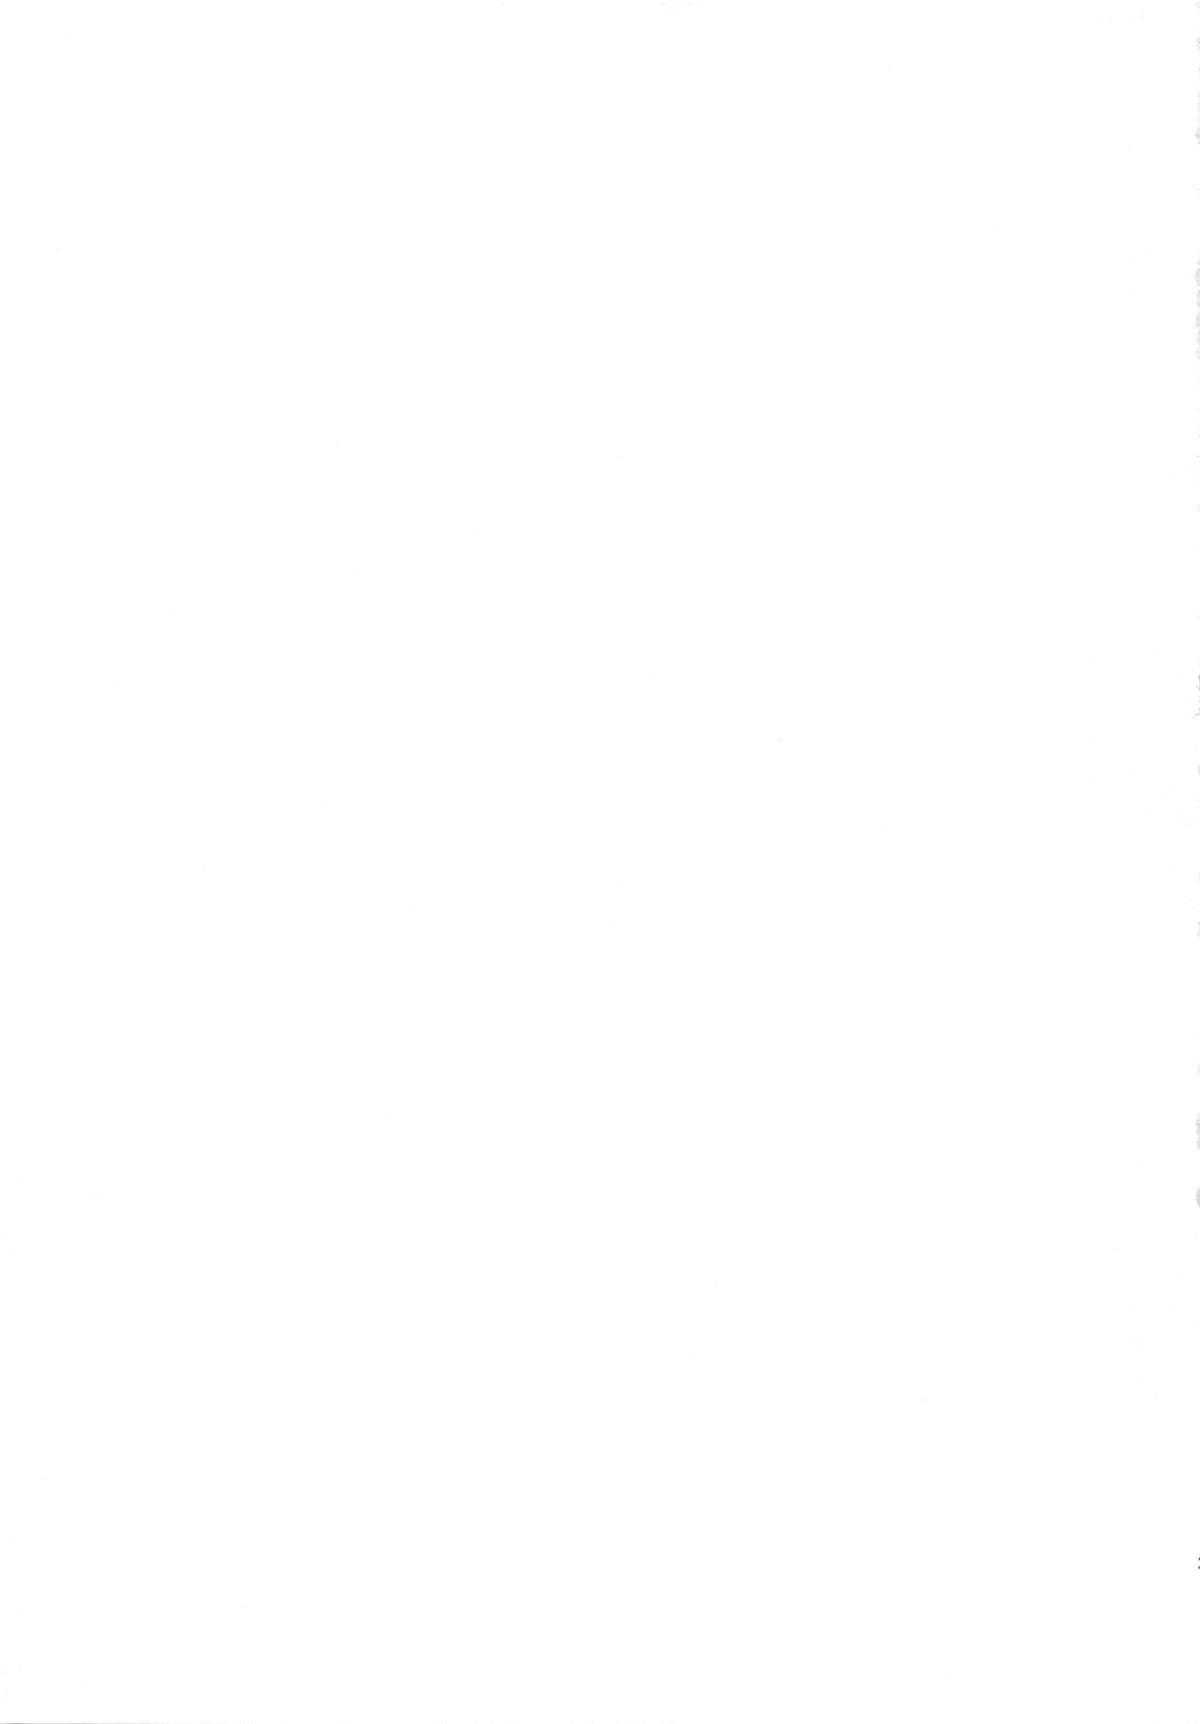 【エロ漫画・エロ同人】オカルト同好会が頼まれた霊障のある絵を除霊しに行ったら霊が出てきて妨害され巨乳女子校生部員が襲われてるwマンコに貼ってたお札はがされ2穴セックスされてるしwww 続々オカルト同好会 (30)